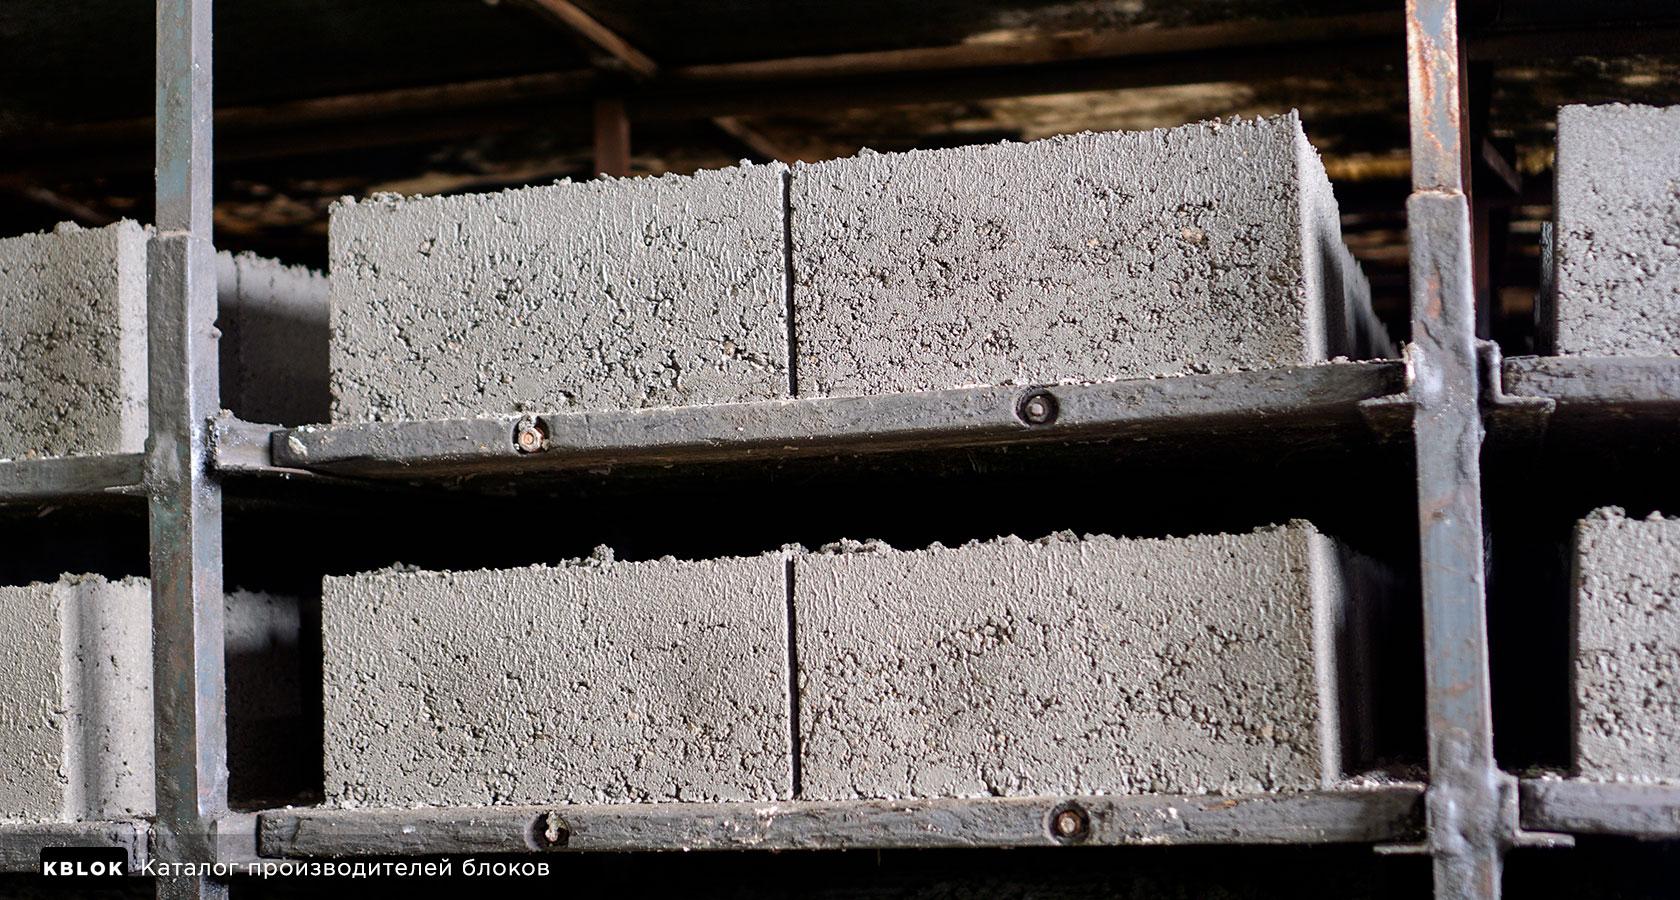 блоки набирают прочность в тепловой камере